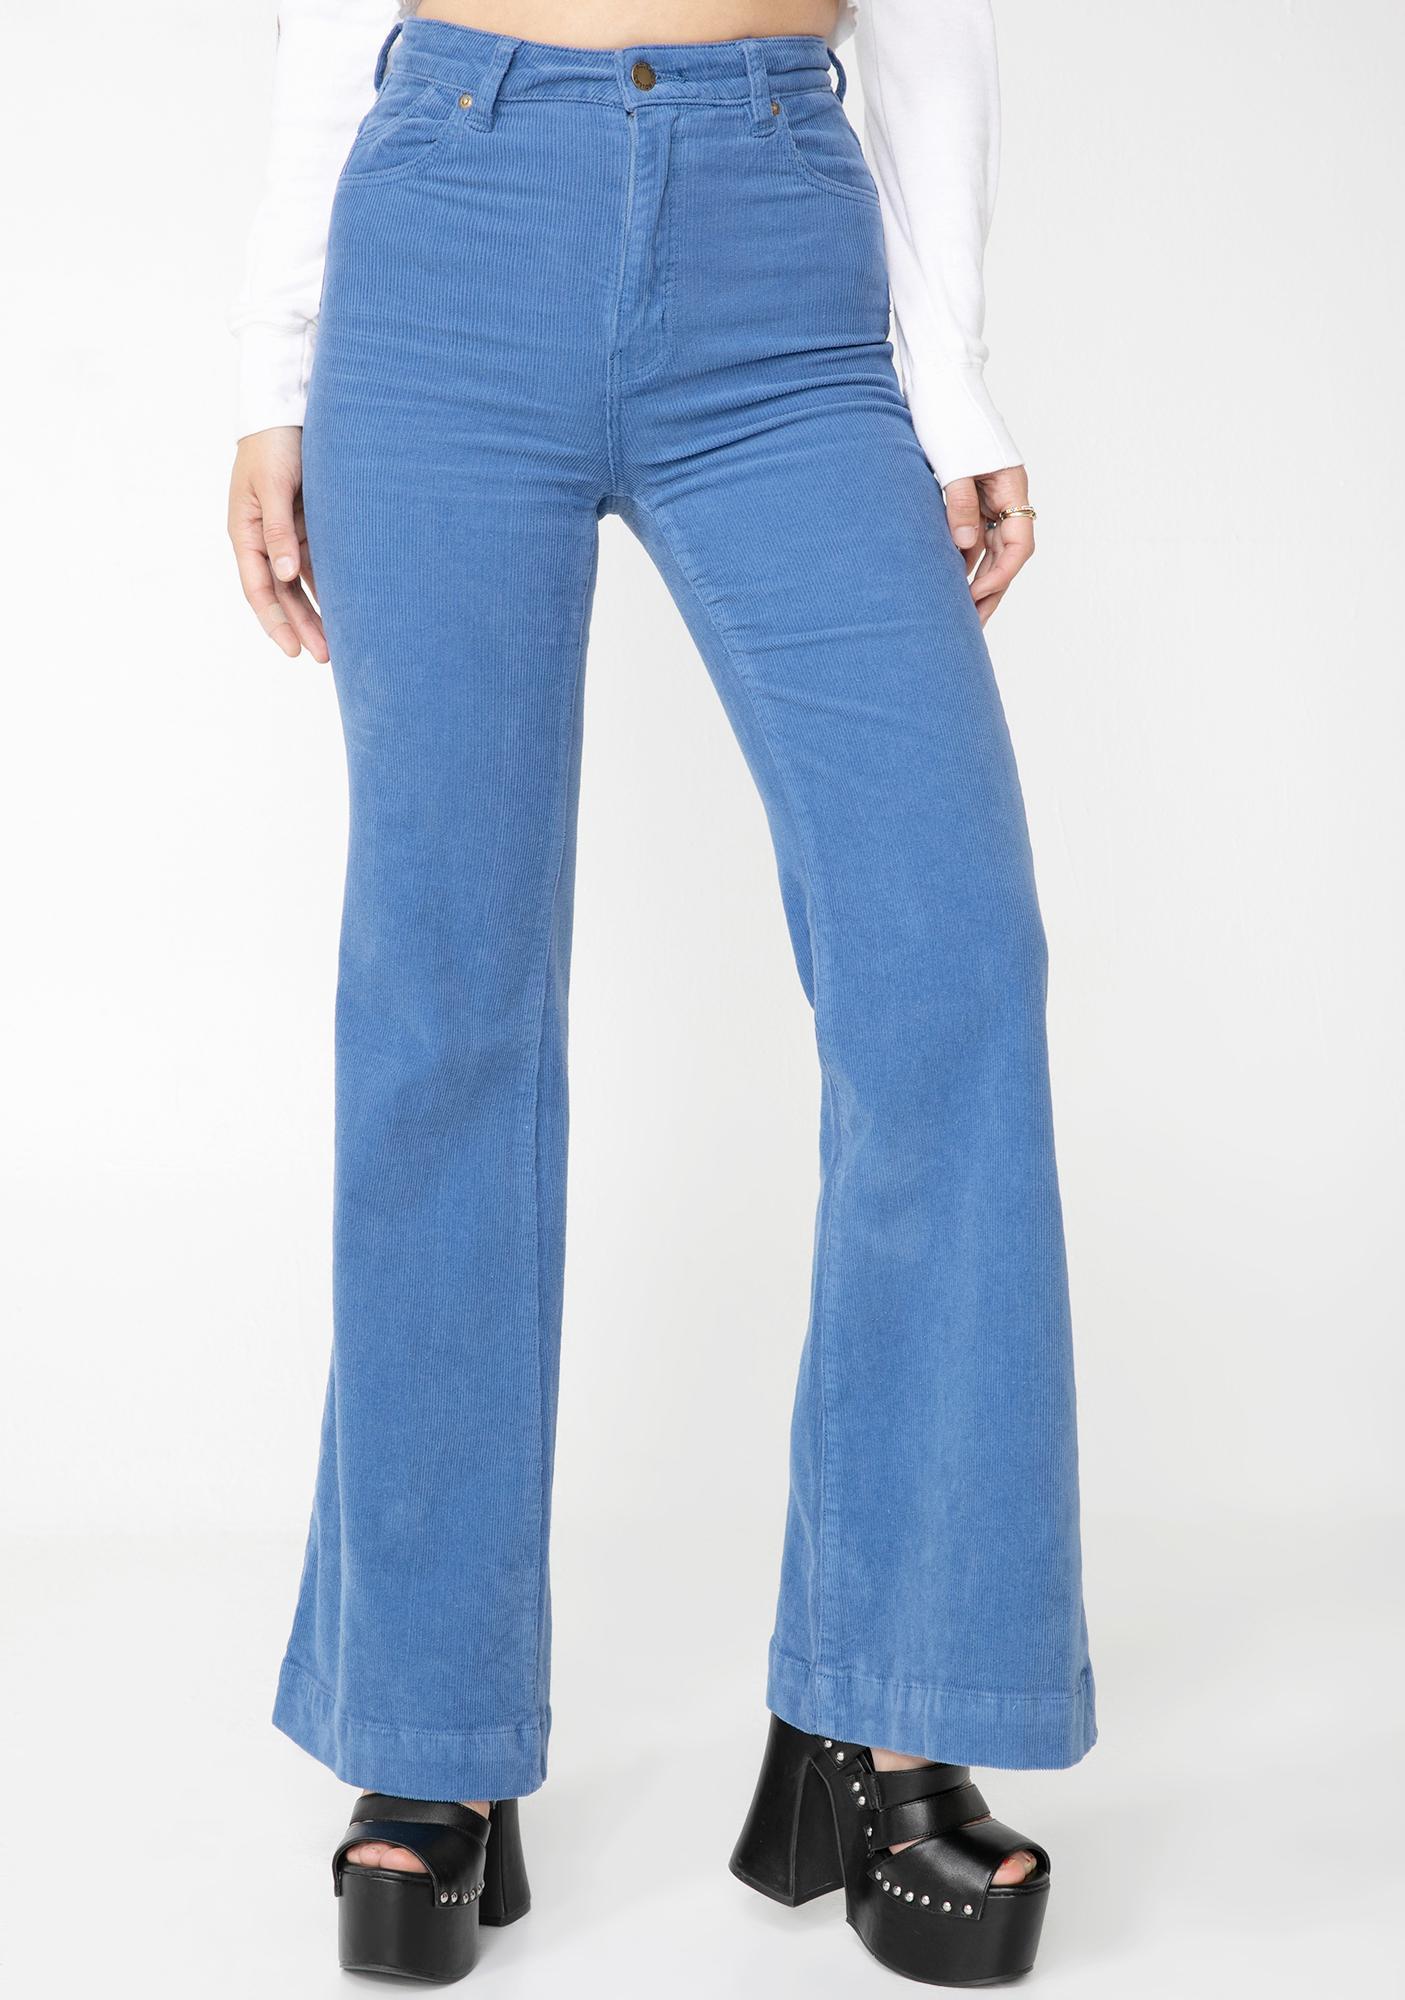 Rollas Eastcoast Flare Pants